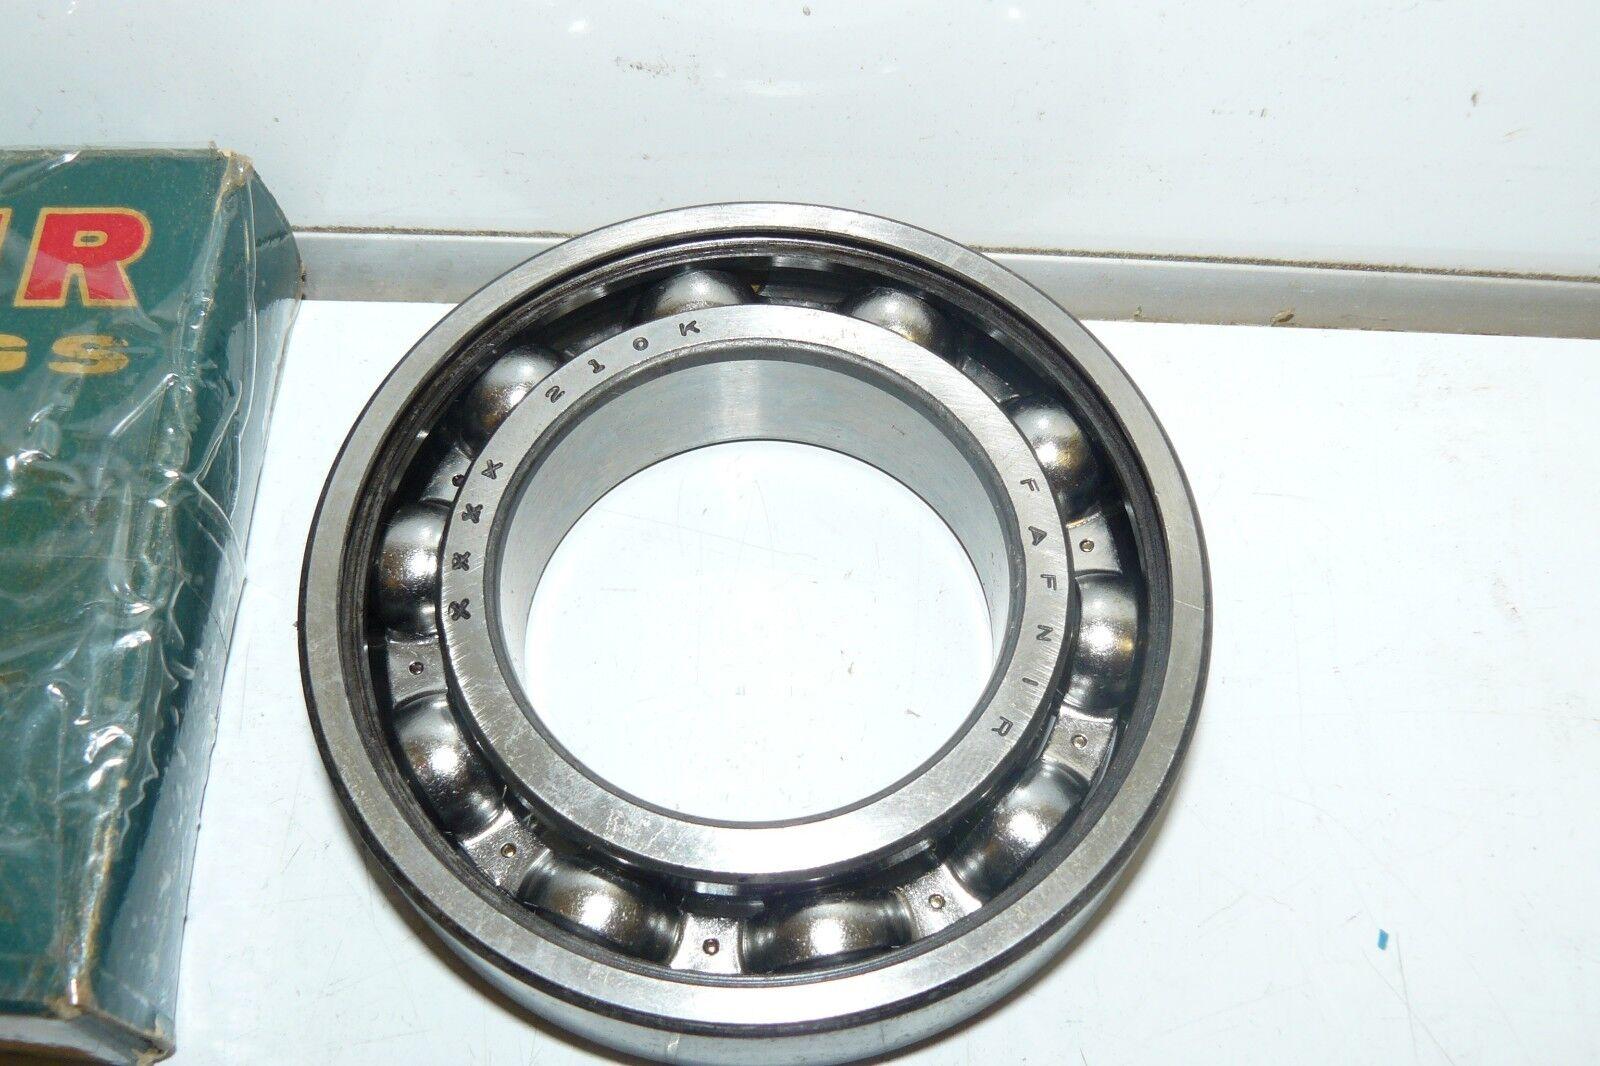 FAFNIR 210K BEARING OPEN 210 K 6210-C3 50x90x20 mm USA